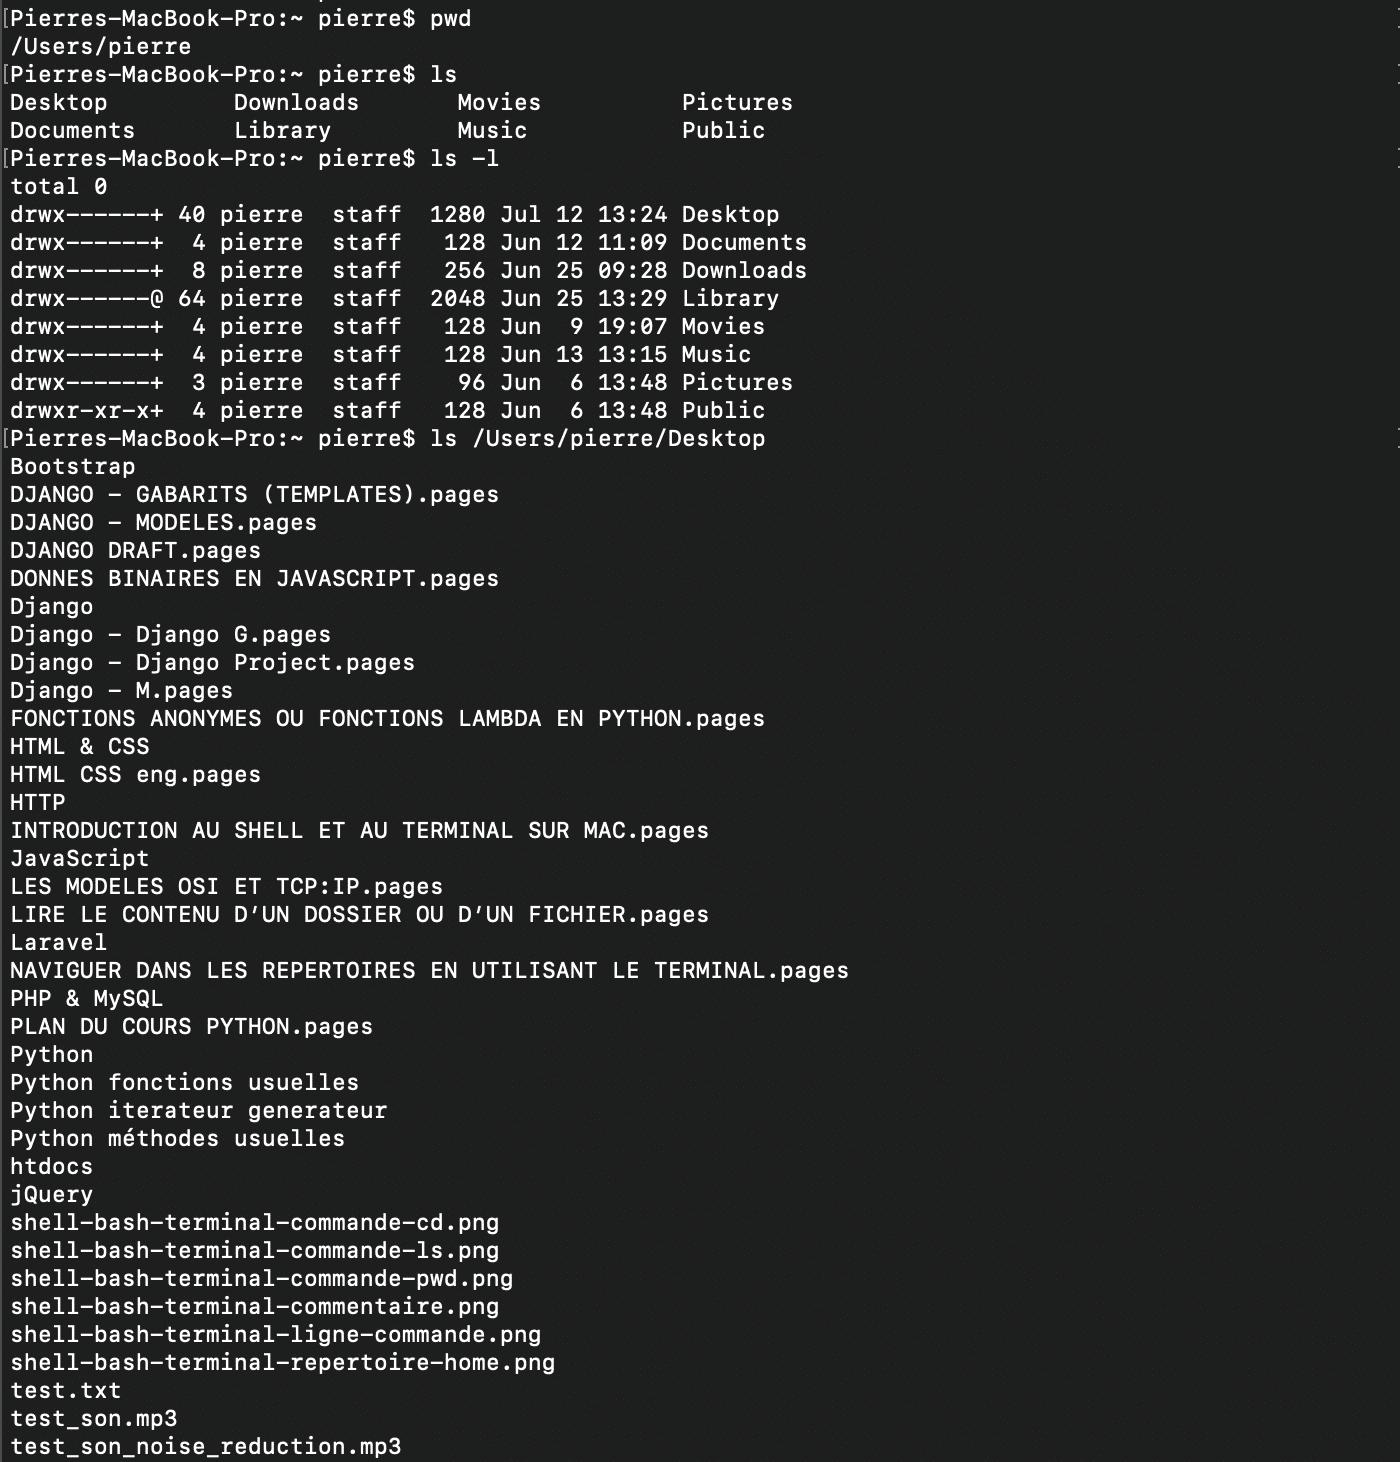 Utilisation de la commande shell bash ls avec argument -l